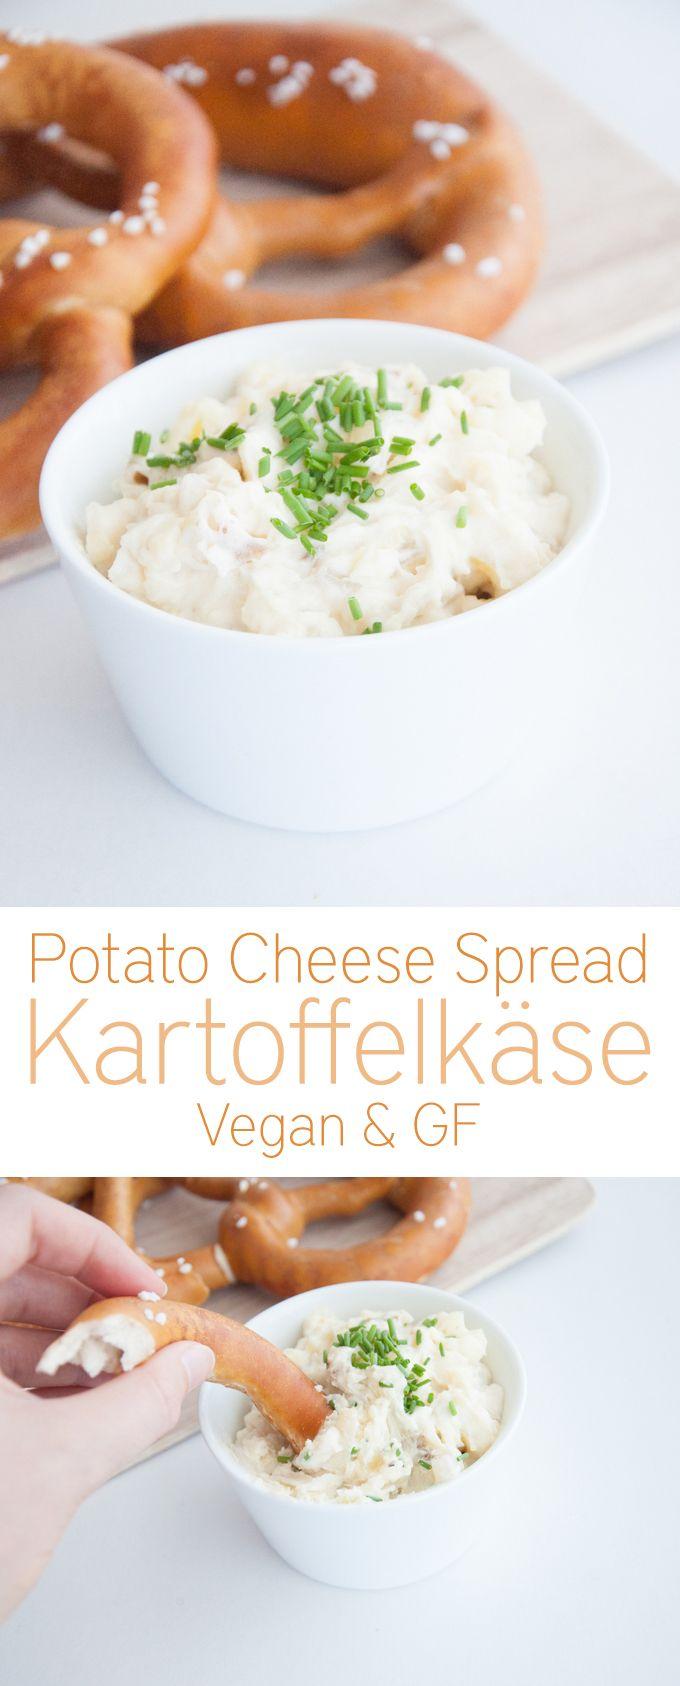 Kartoffelkäse - Potato Cheese Spread